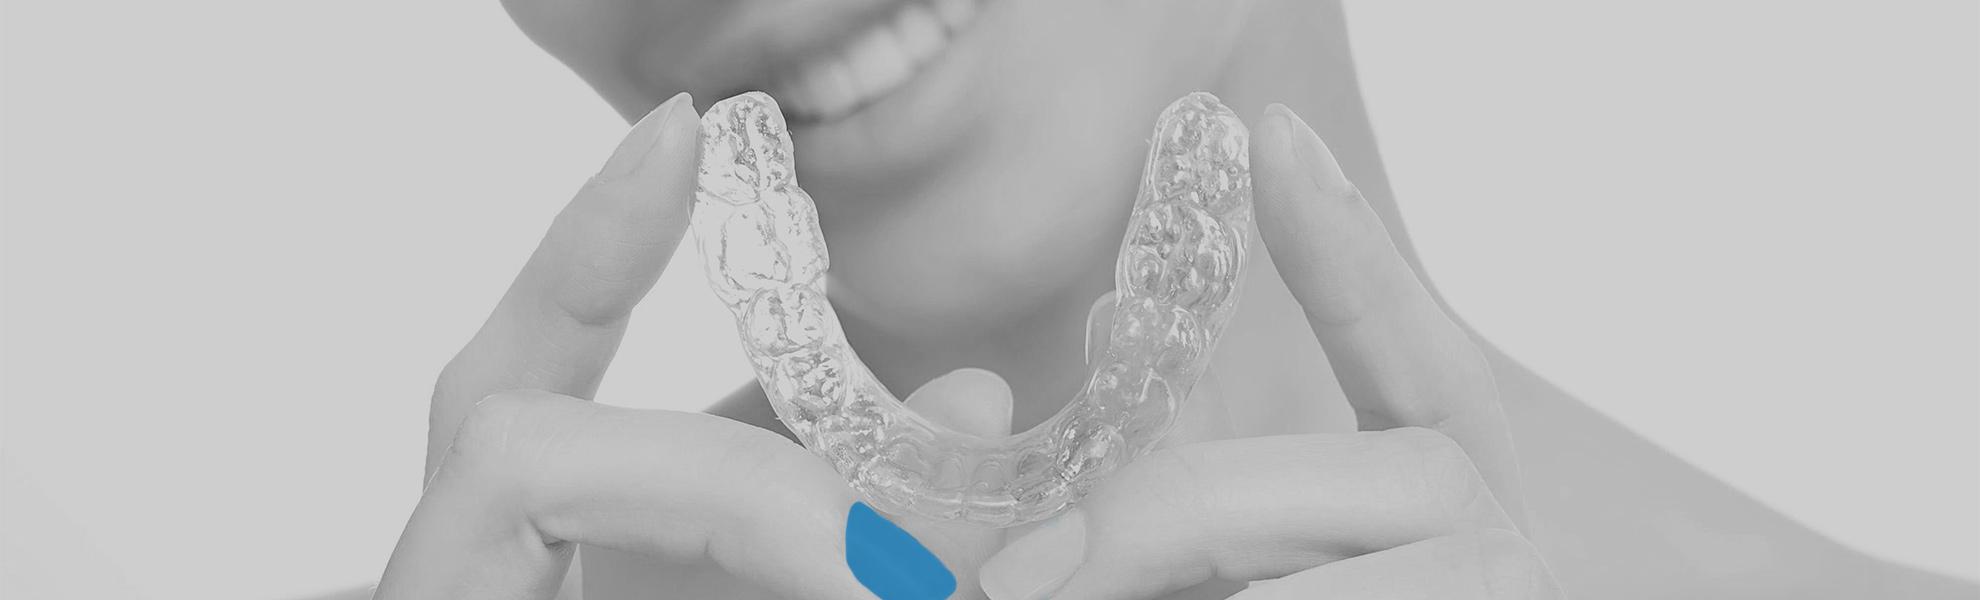 Ortodoncia Invisalign - ¿qué hago si no encaja bien en la boca bien?